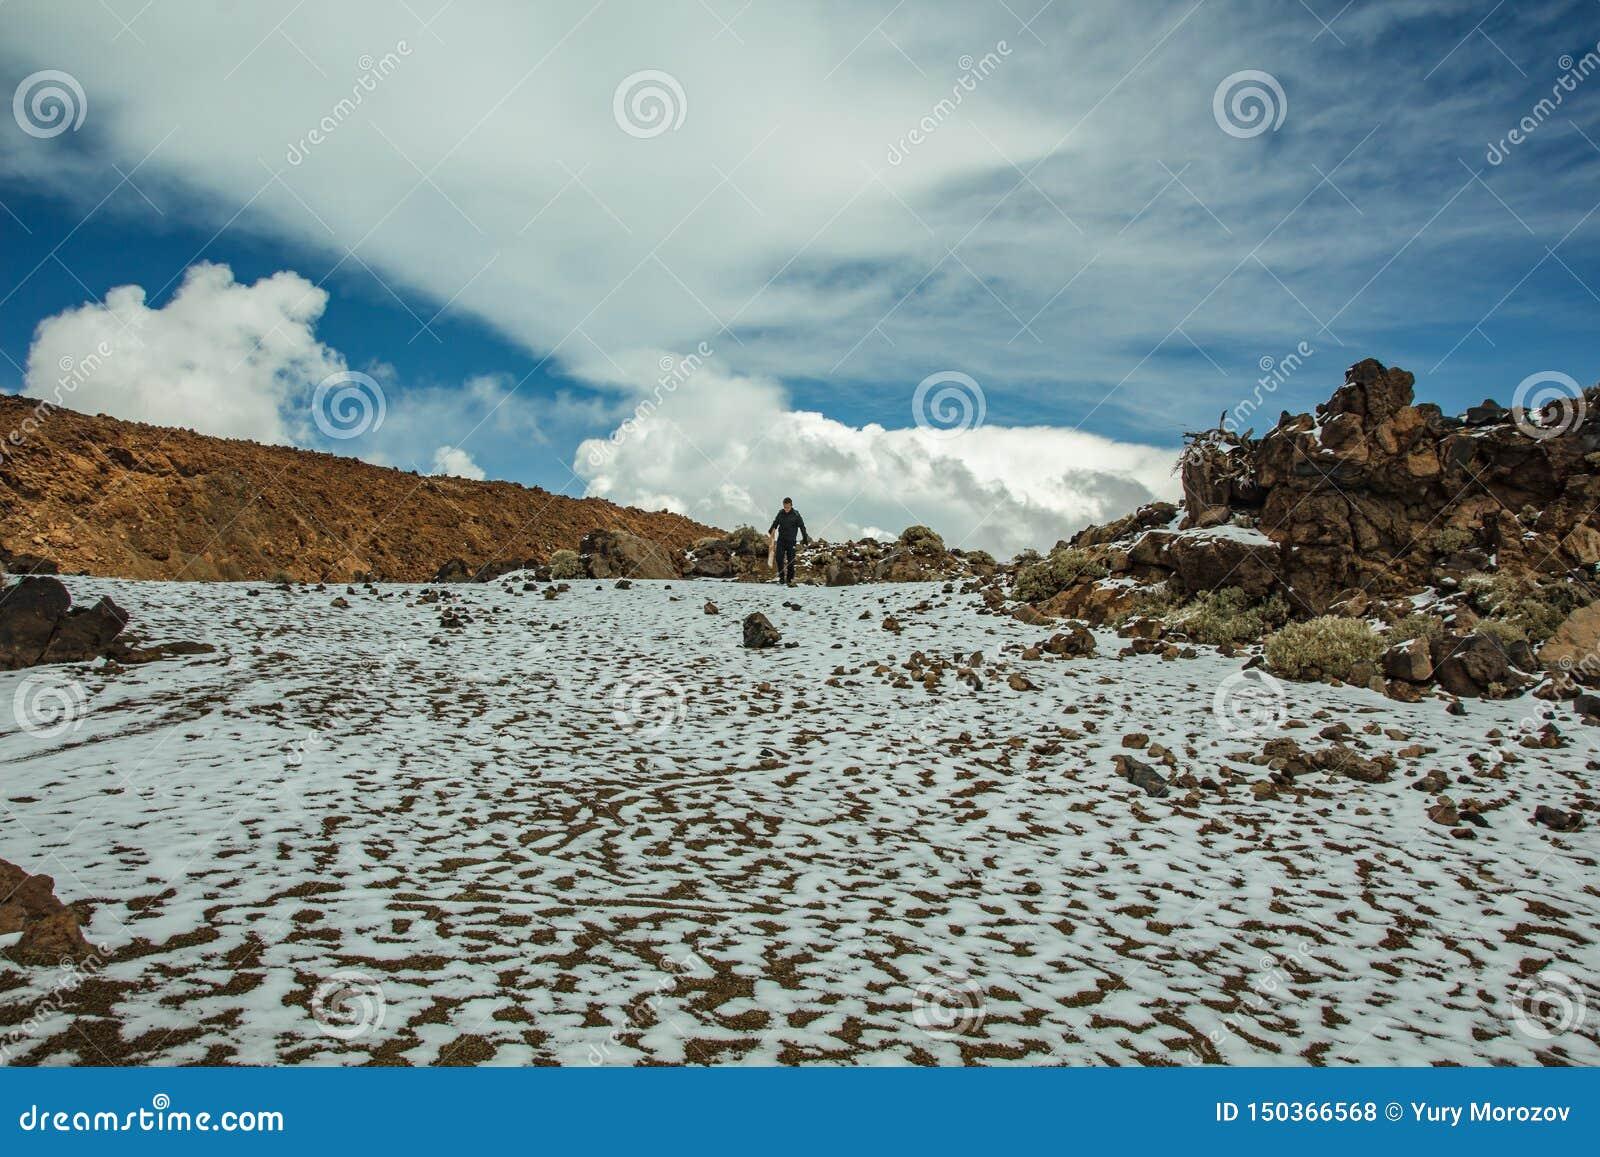 Основание вулкана Teide Долина лавы с белыми пятнами снега, отчасти покрытая красивыми облаками Яркое голубое небо Teide